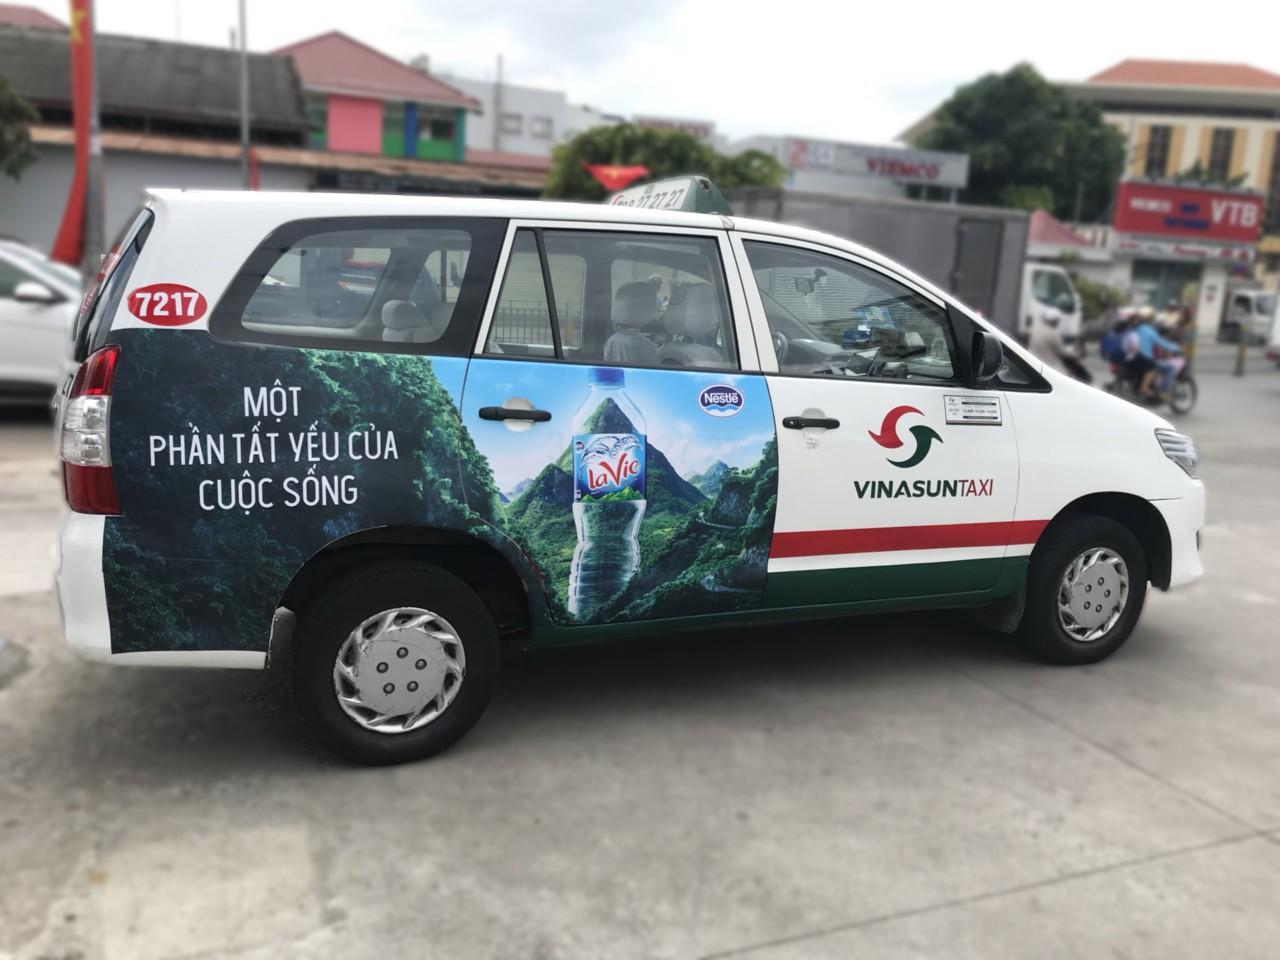 Cứu cánh của taxi Vinasun, lãi 40 tỉ đồng mỗi năm nhờ quảng cáo trên xe  - Ảnh 1.